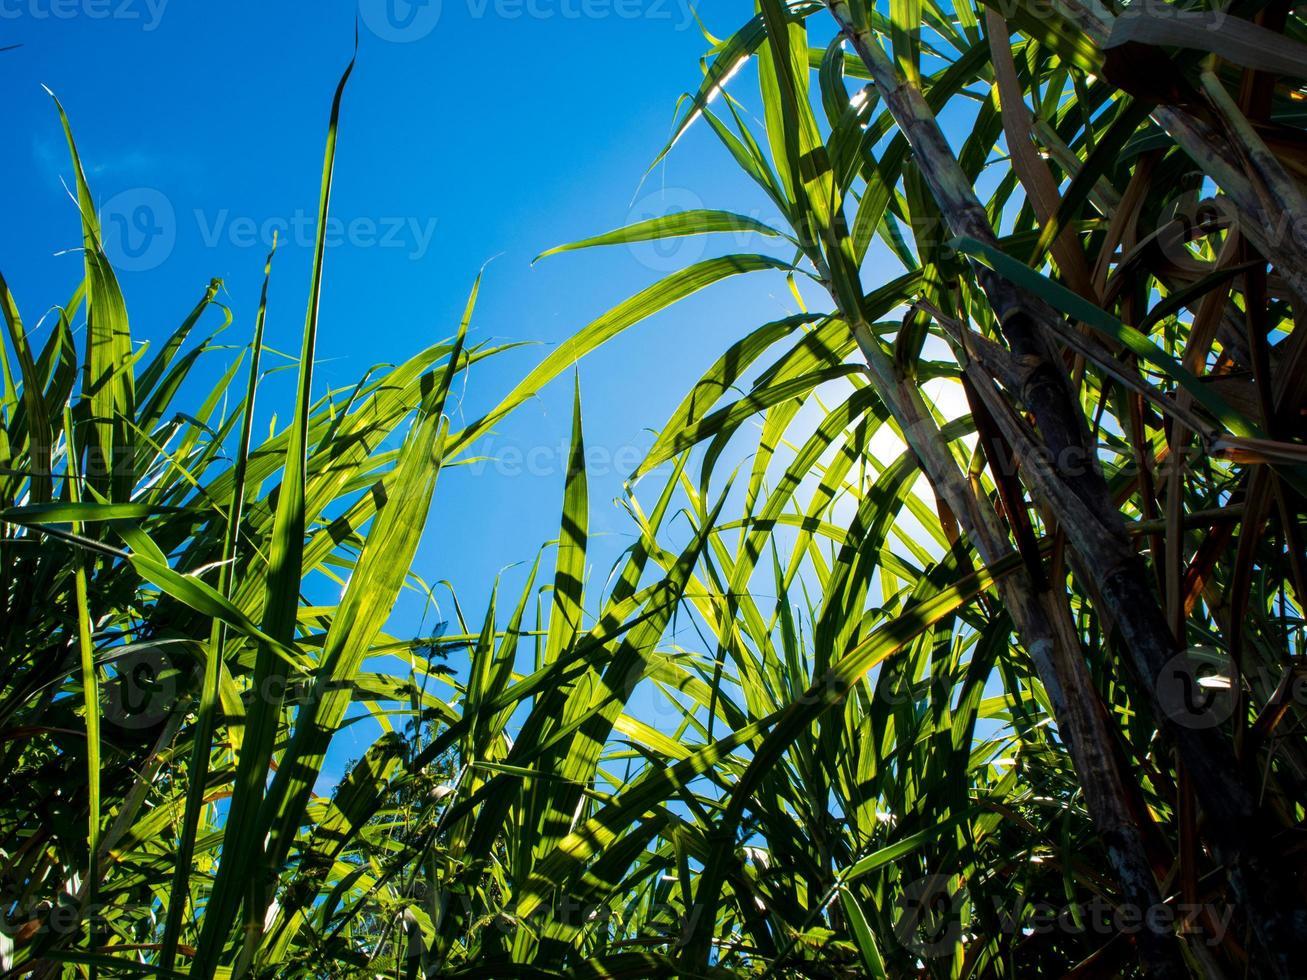 luz do sol e céu azul sobre a fazenda de cana foto